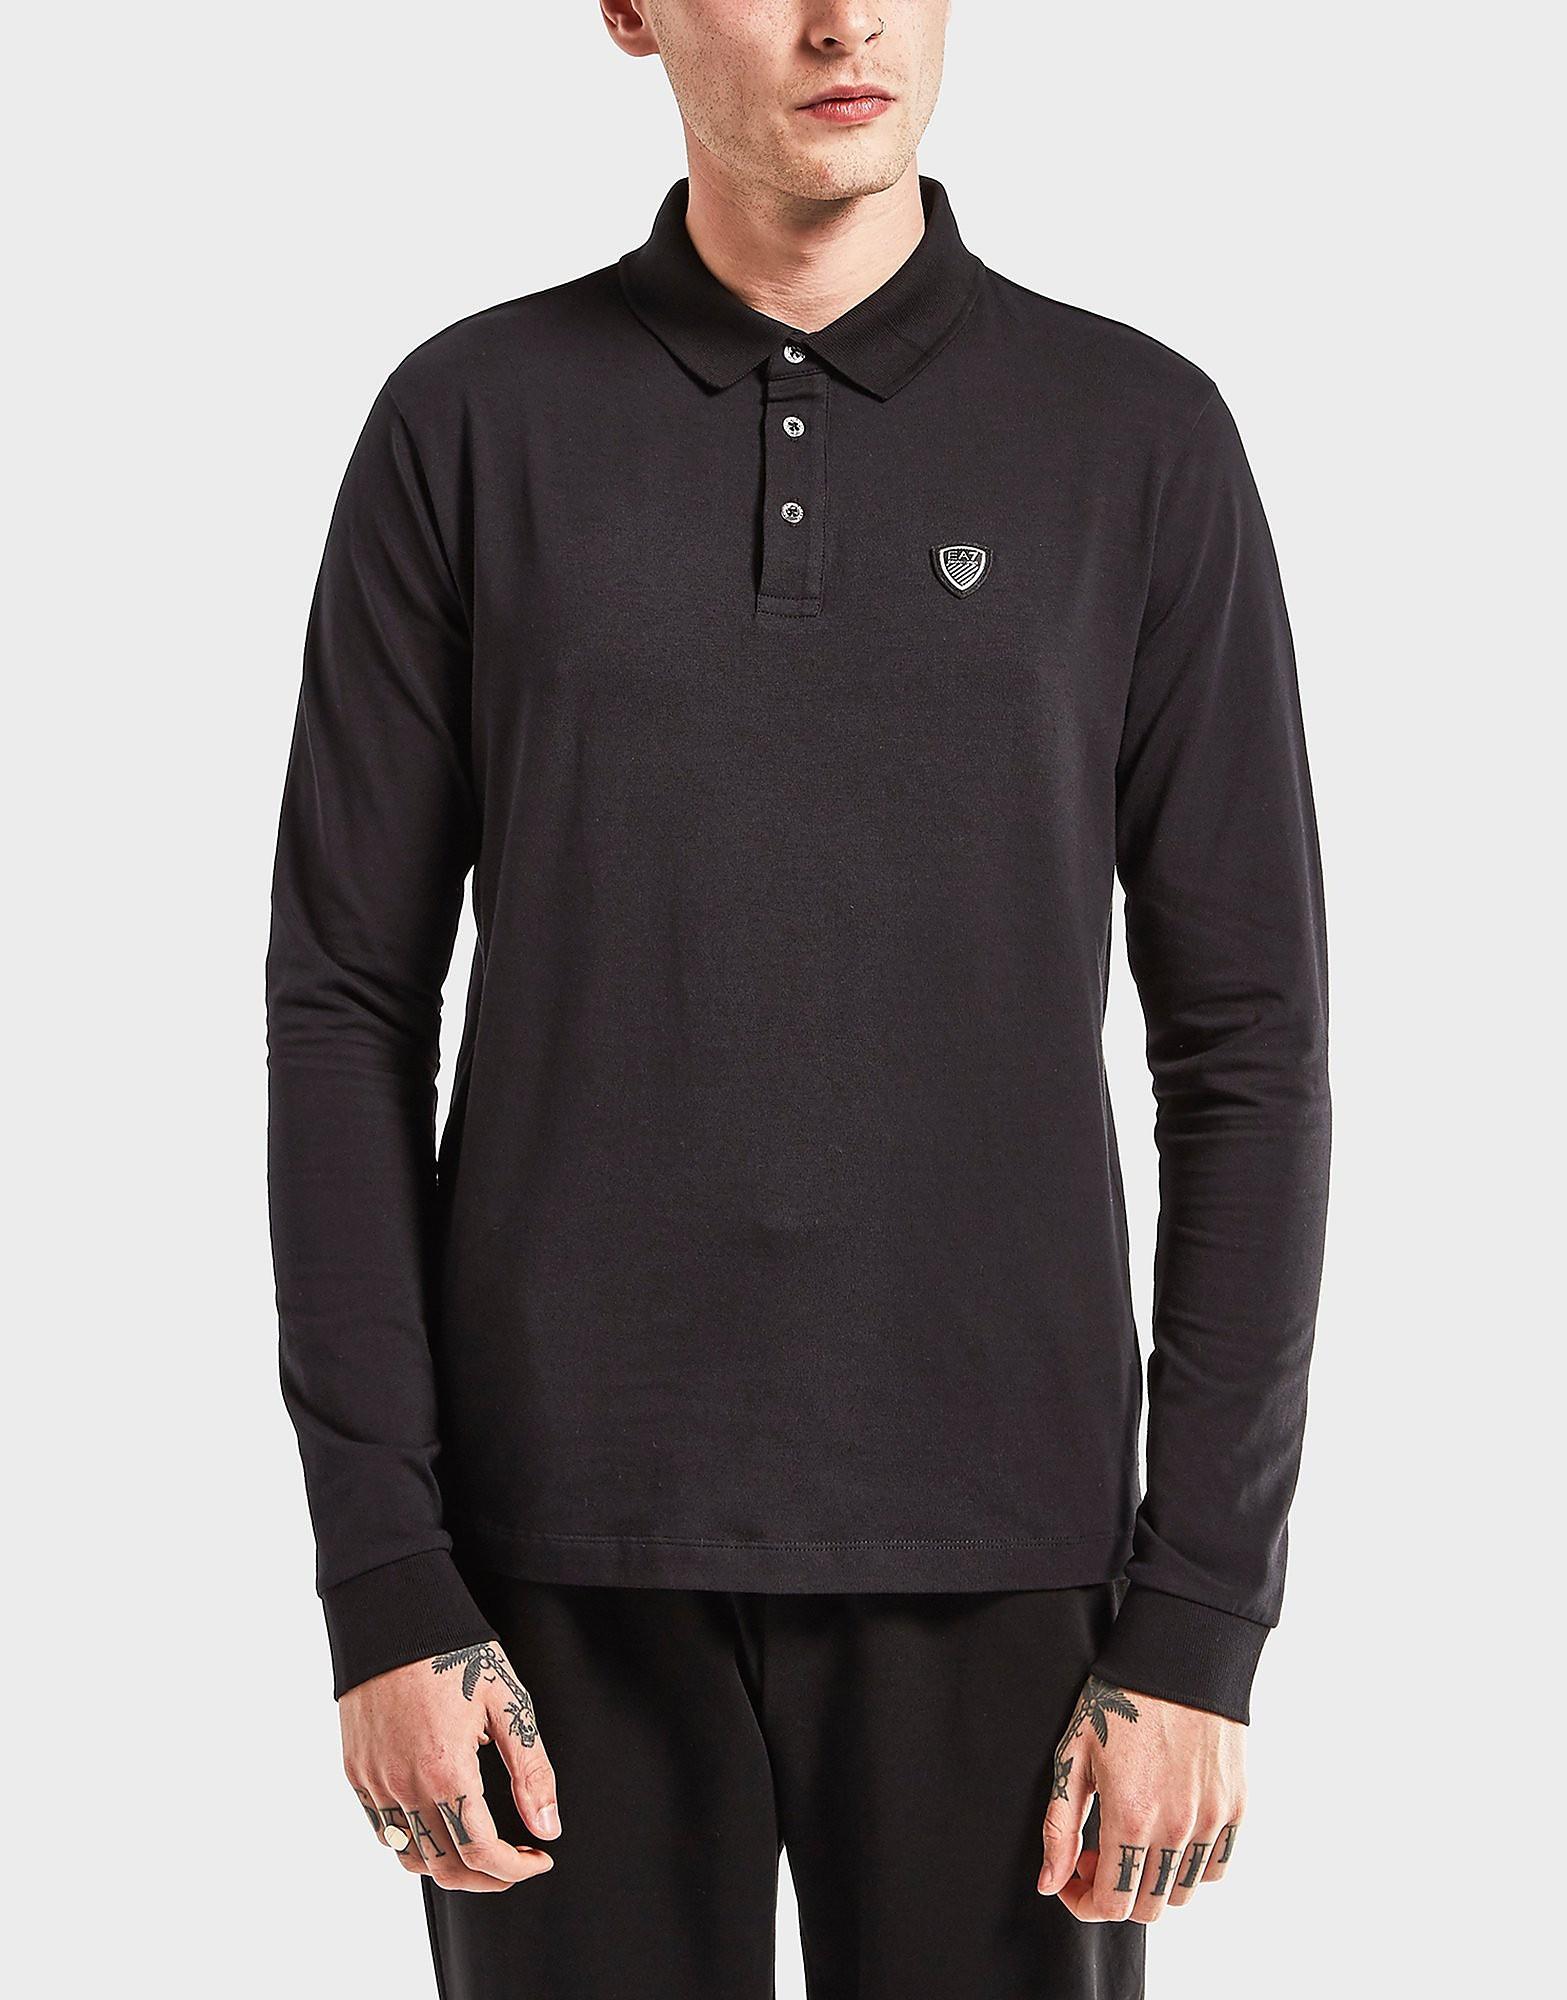 Emporio Armani EA7 Soccer Long Sleeve Polo Shirt